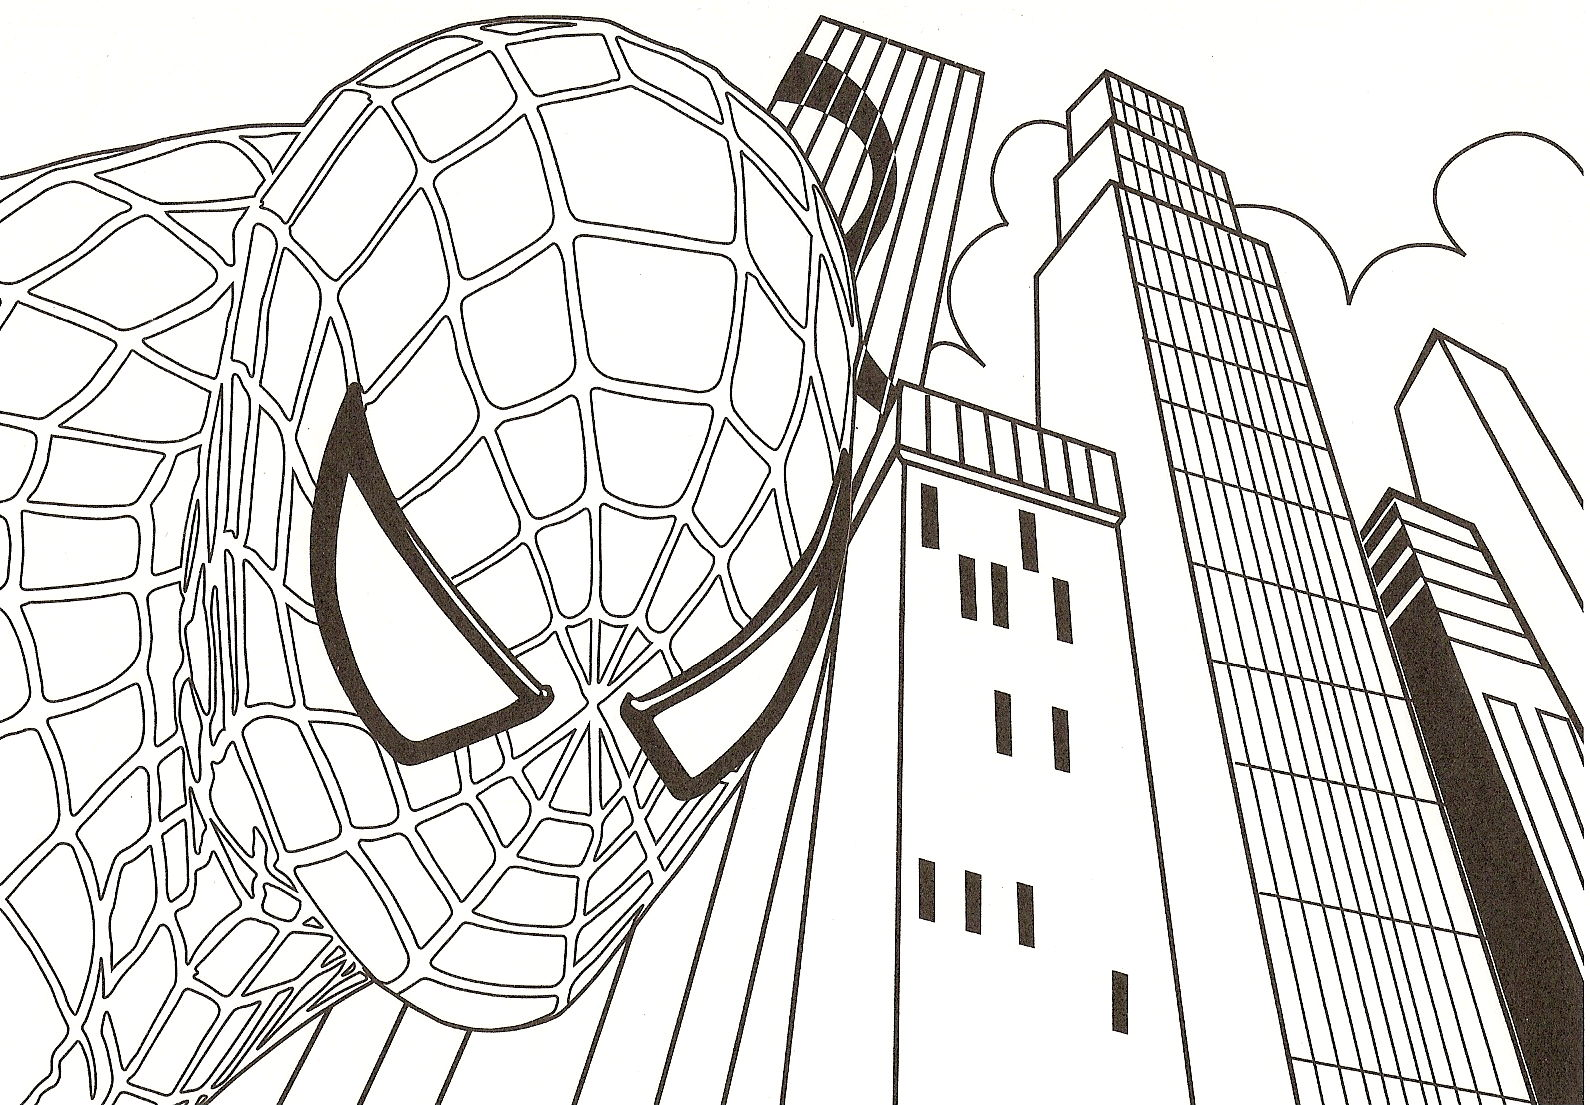 Dibujos Para Colorear Spiderman Para Imprimir: Desenhos Para Colorir: Homem Aranha